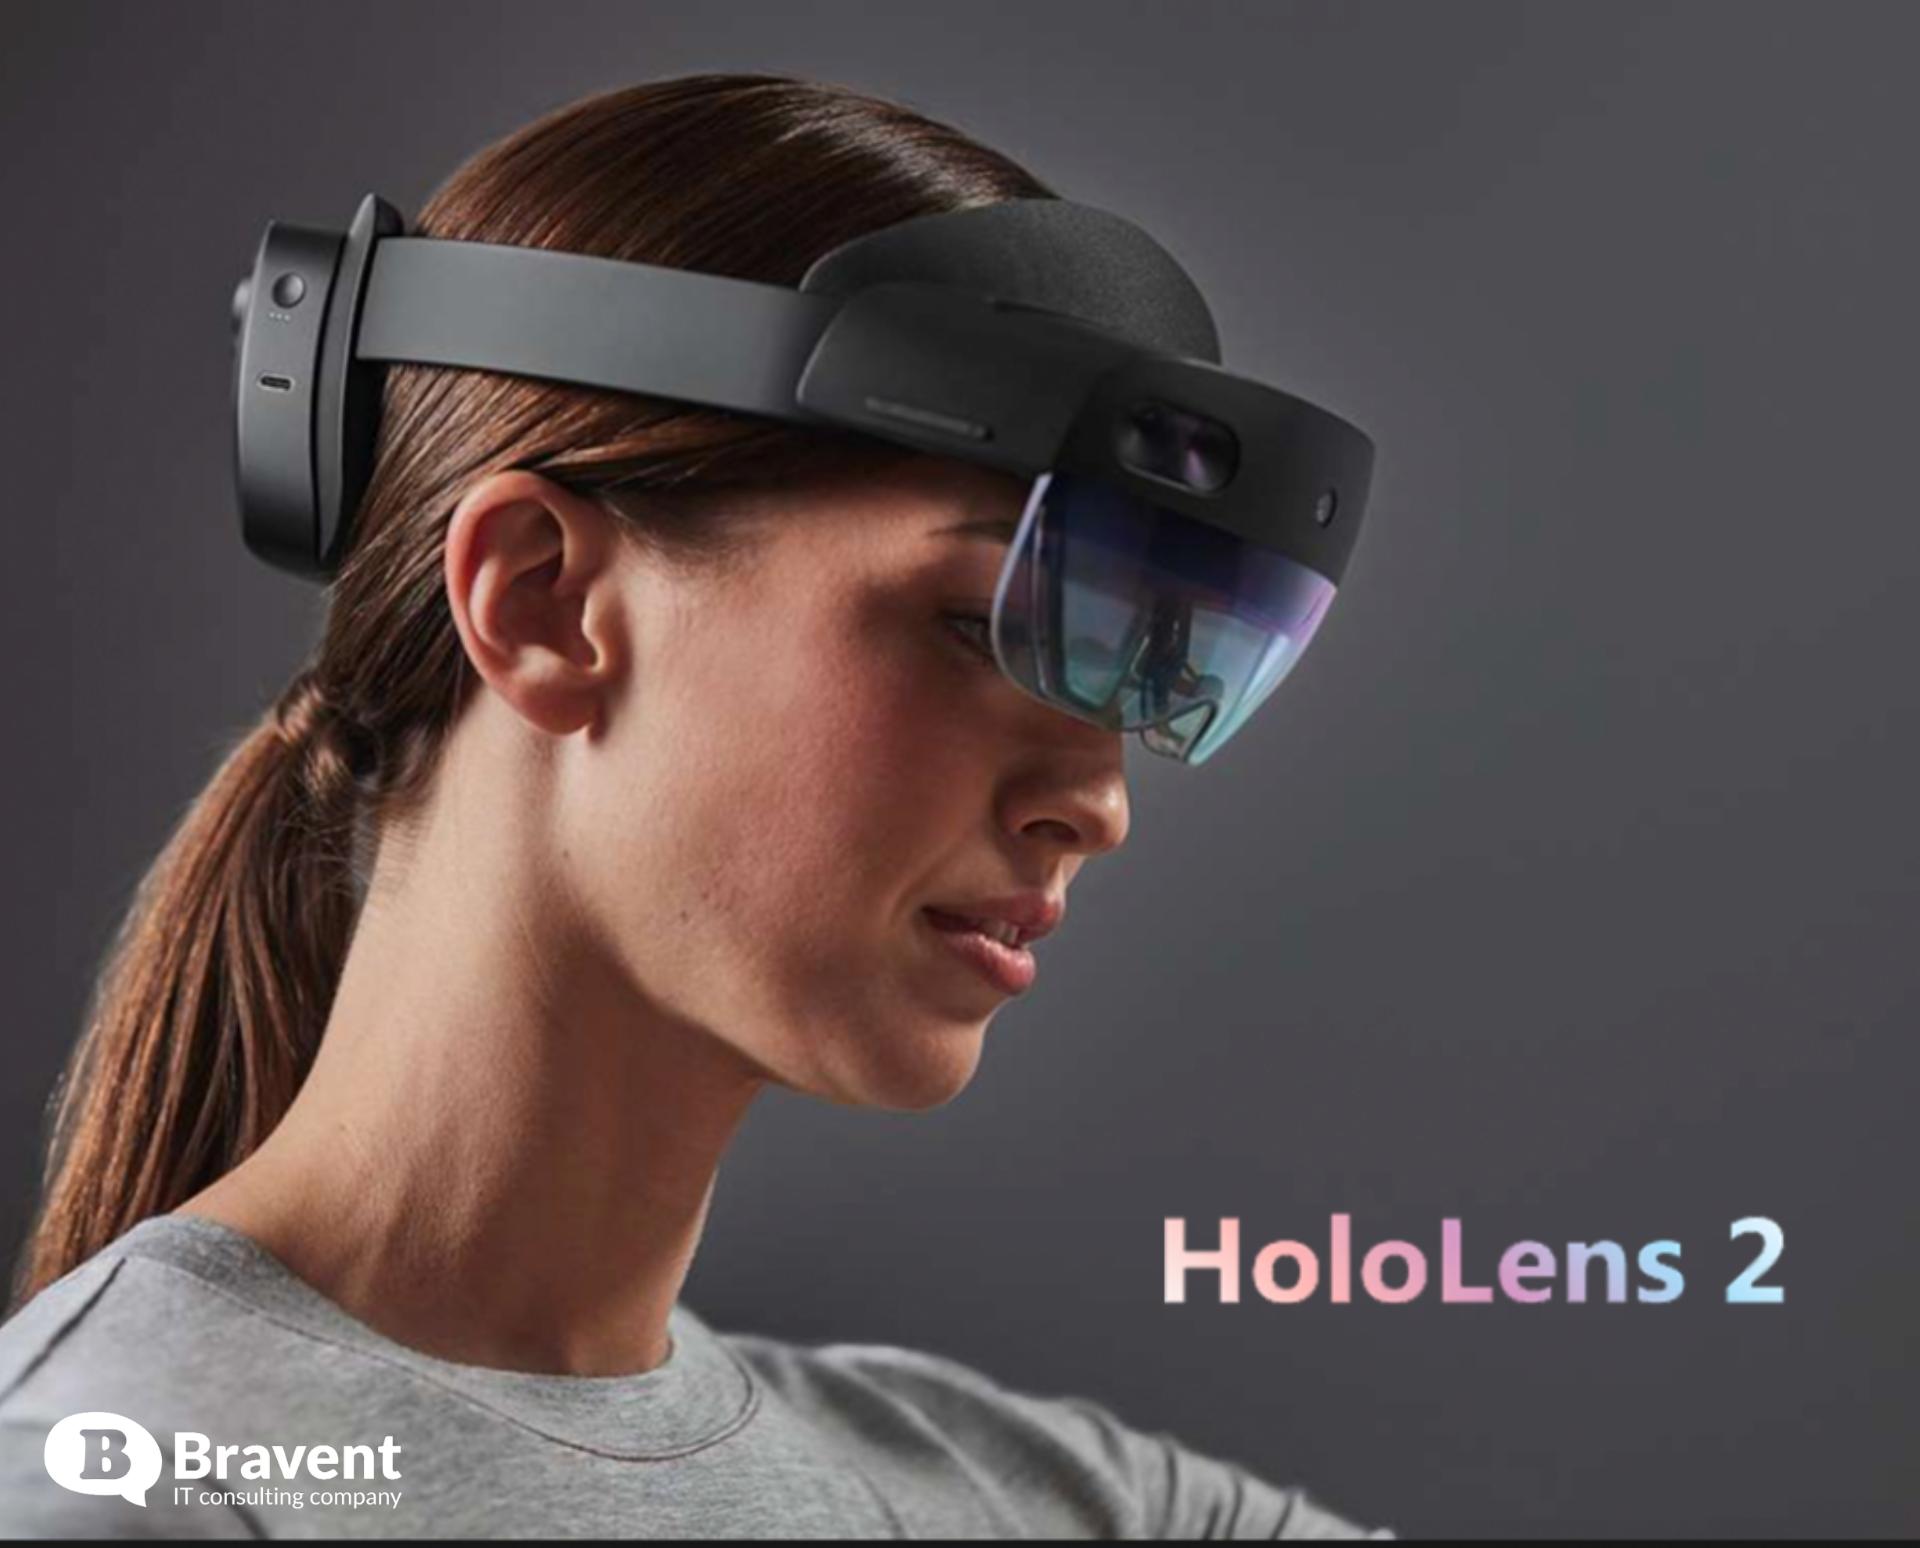 Preparados para la llegada de las Hololens 2 a Bravent